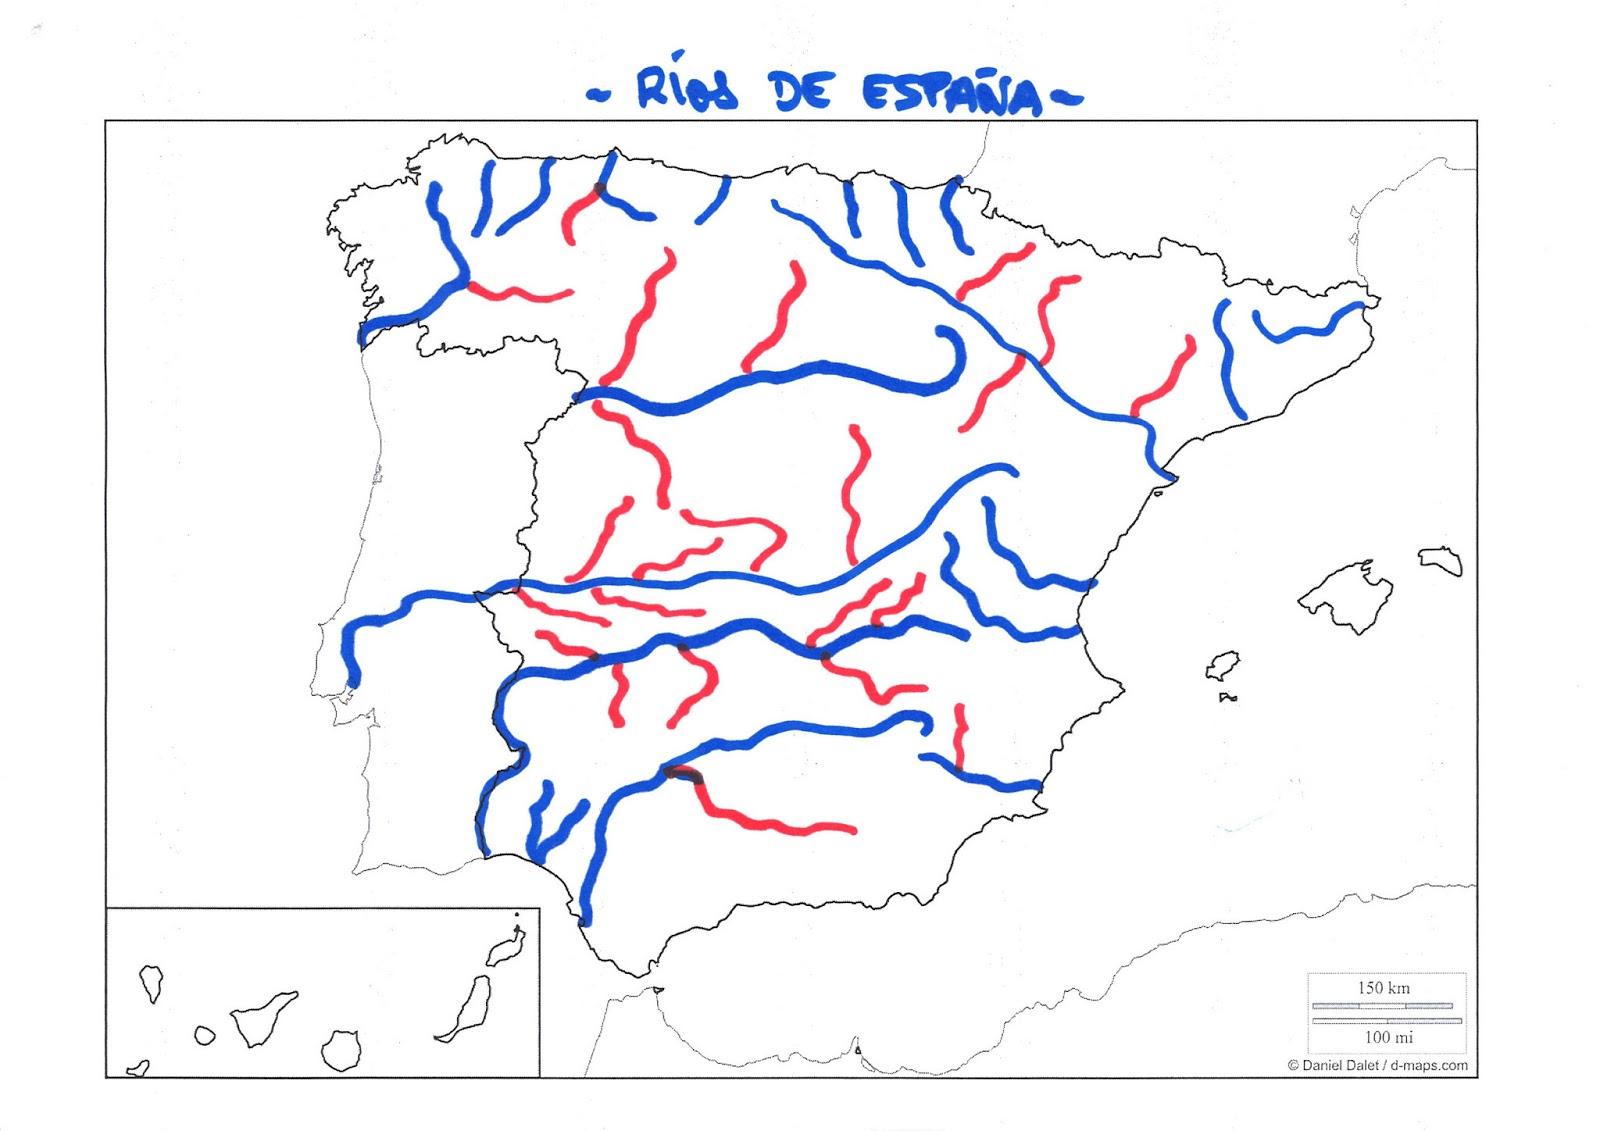 Mapa Rios De España 6 Primaria.Mapas Rios De Espana Planeta Educarex